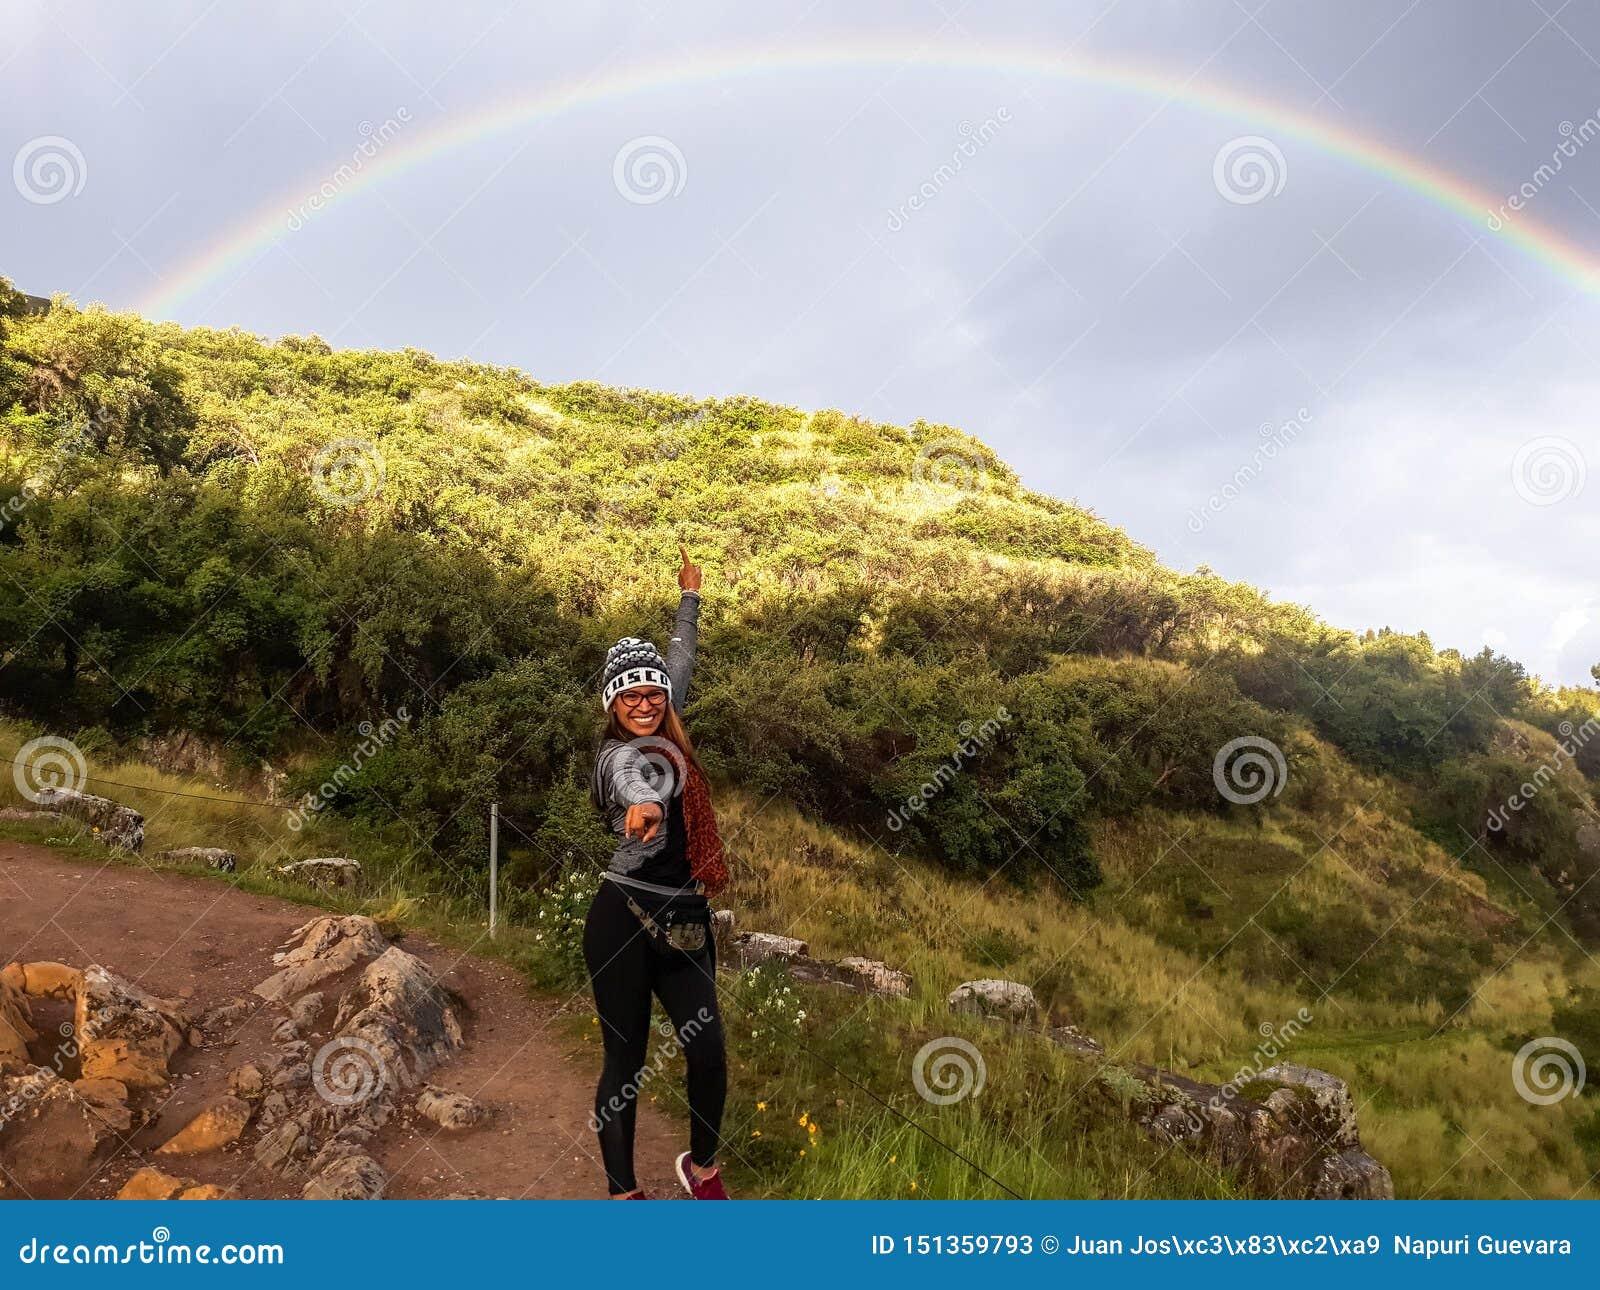 Ακολουθήστε την έννοια ονείρου σας Μια γυναίκα που περπατά κατά μήκος της πορείας στο βουνό και που φαίνεται ουράνιο τόξο στον ου